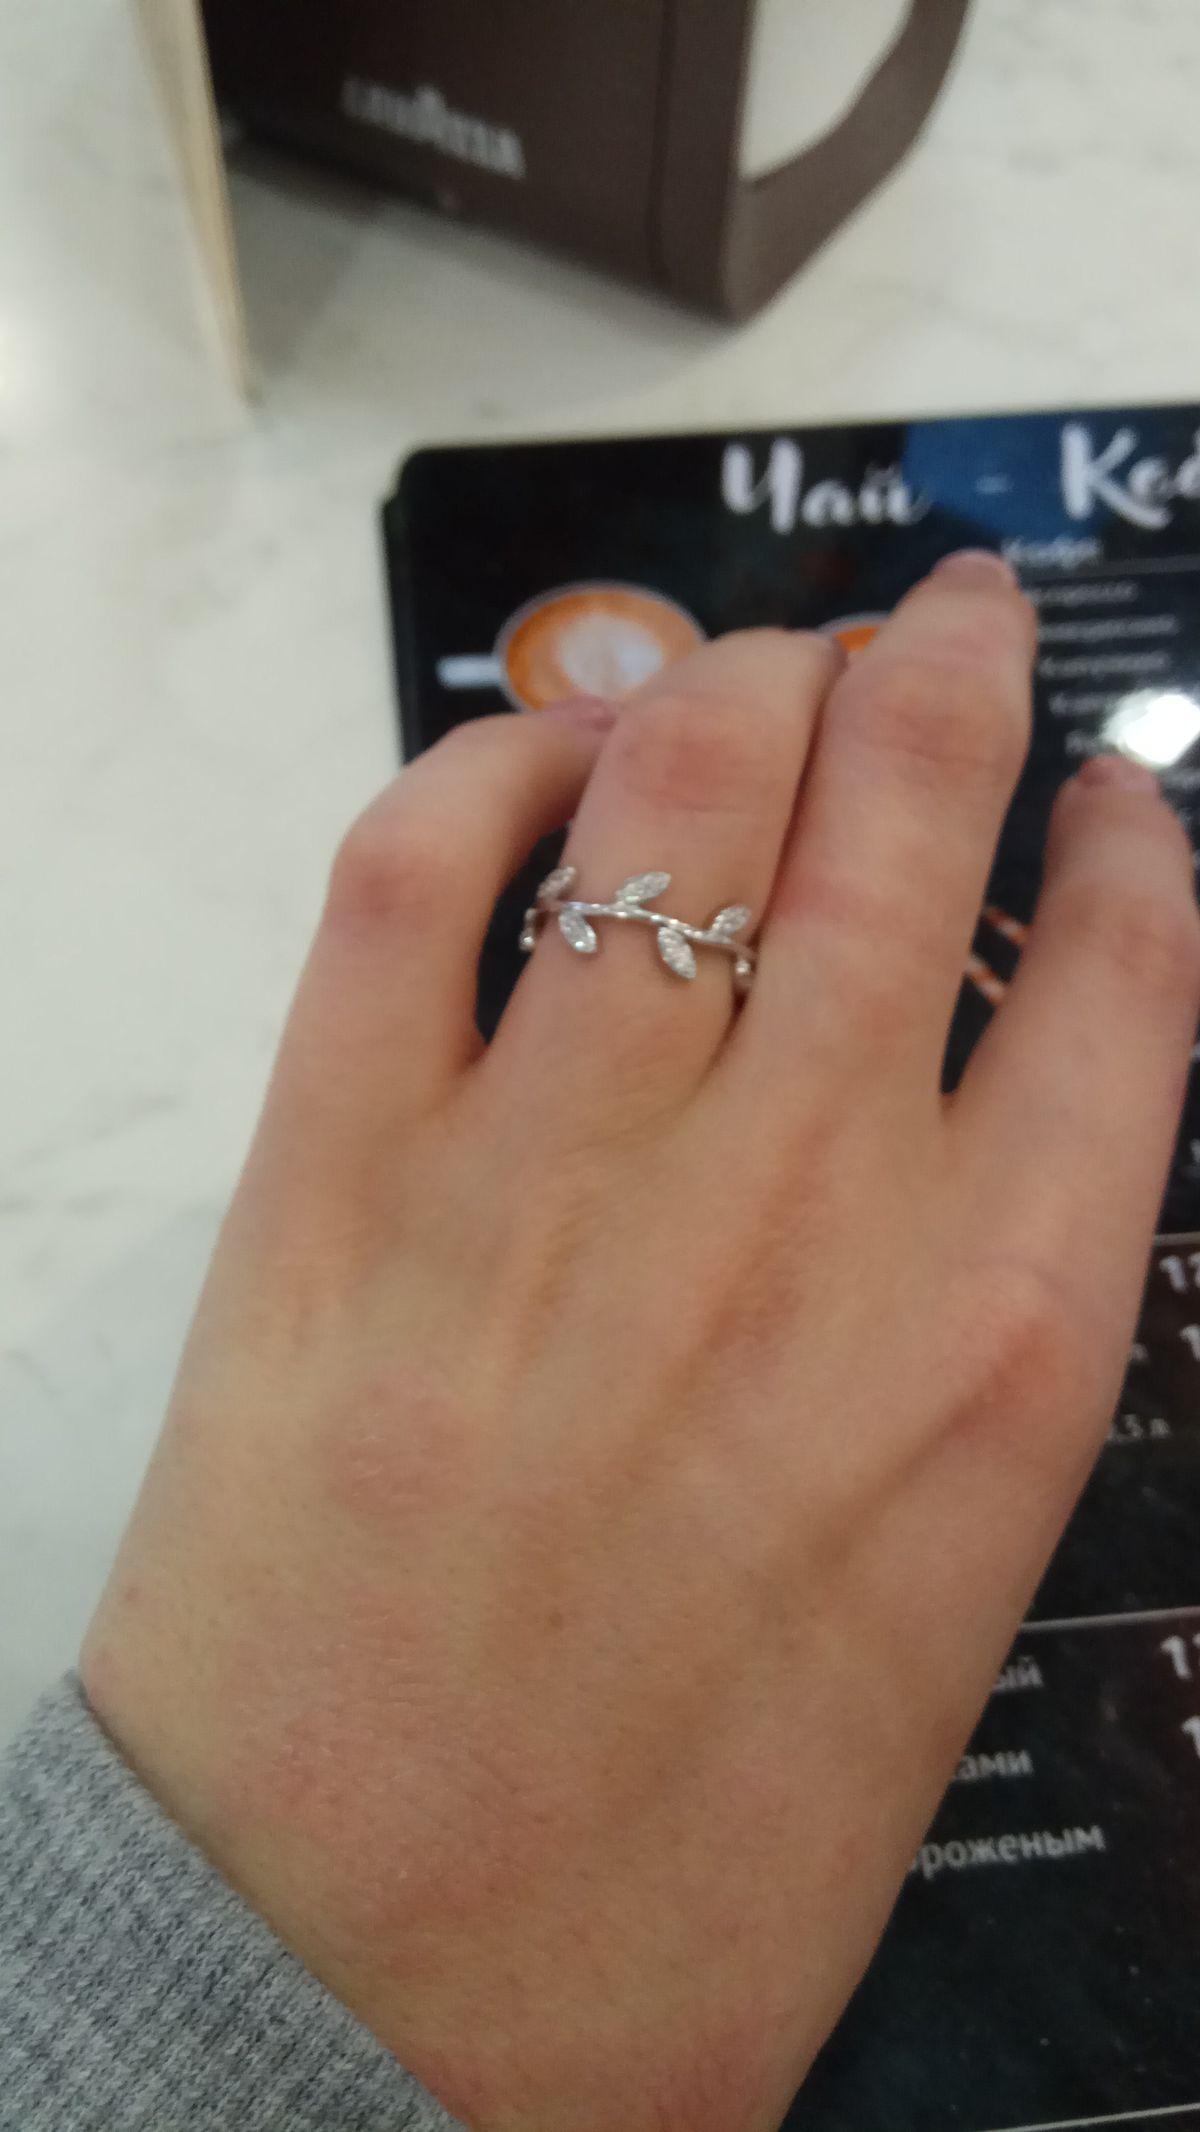 Сразу как увидела, влюбилась в это кольцо. 😍